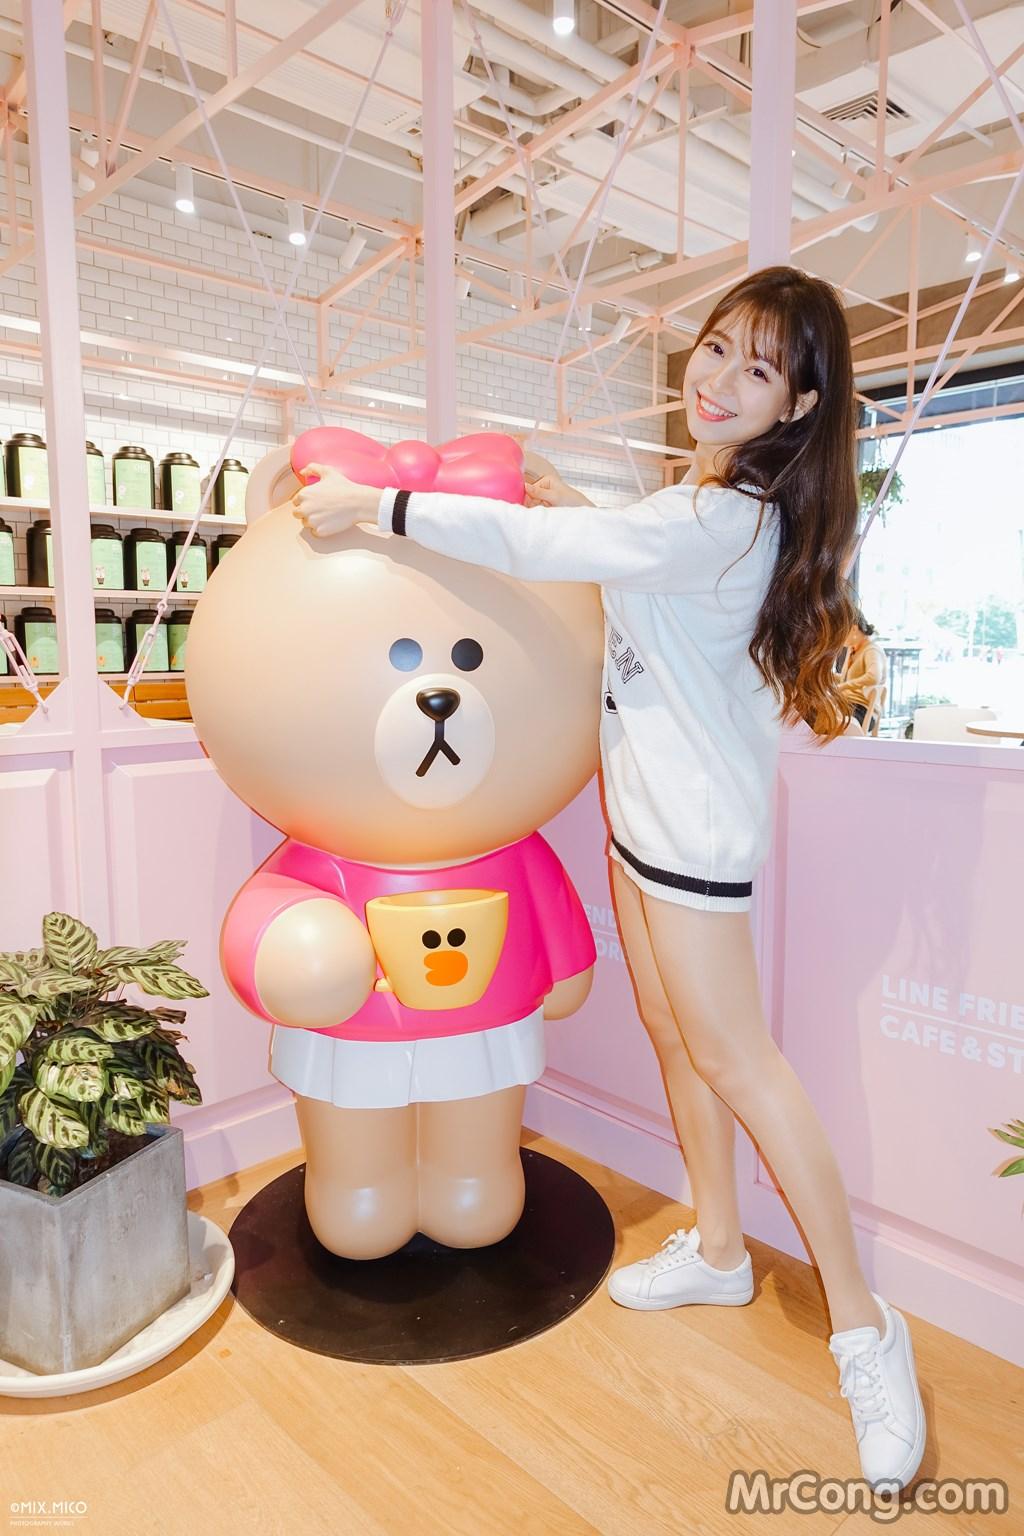 Image MrCong.com-Nguoi-dep-Icey-Chau-by-MixMico-003 in post Cô nàng Icey Chau (艾昔) siêu đáng yêu qua ống kính máy ảnh của MixMico (14 ảnh)